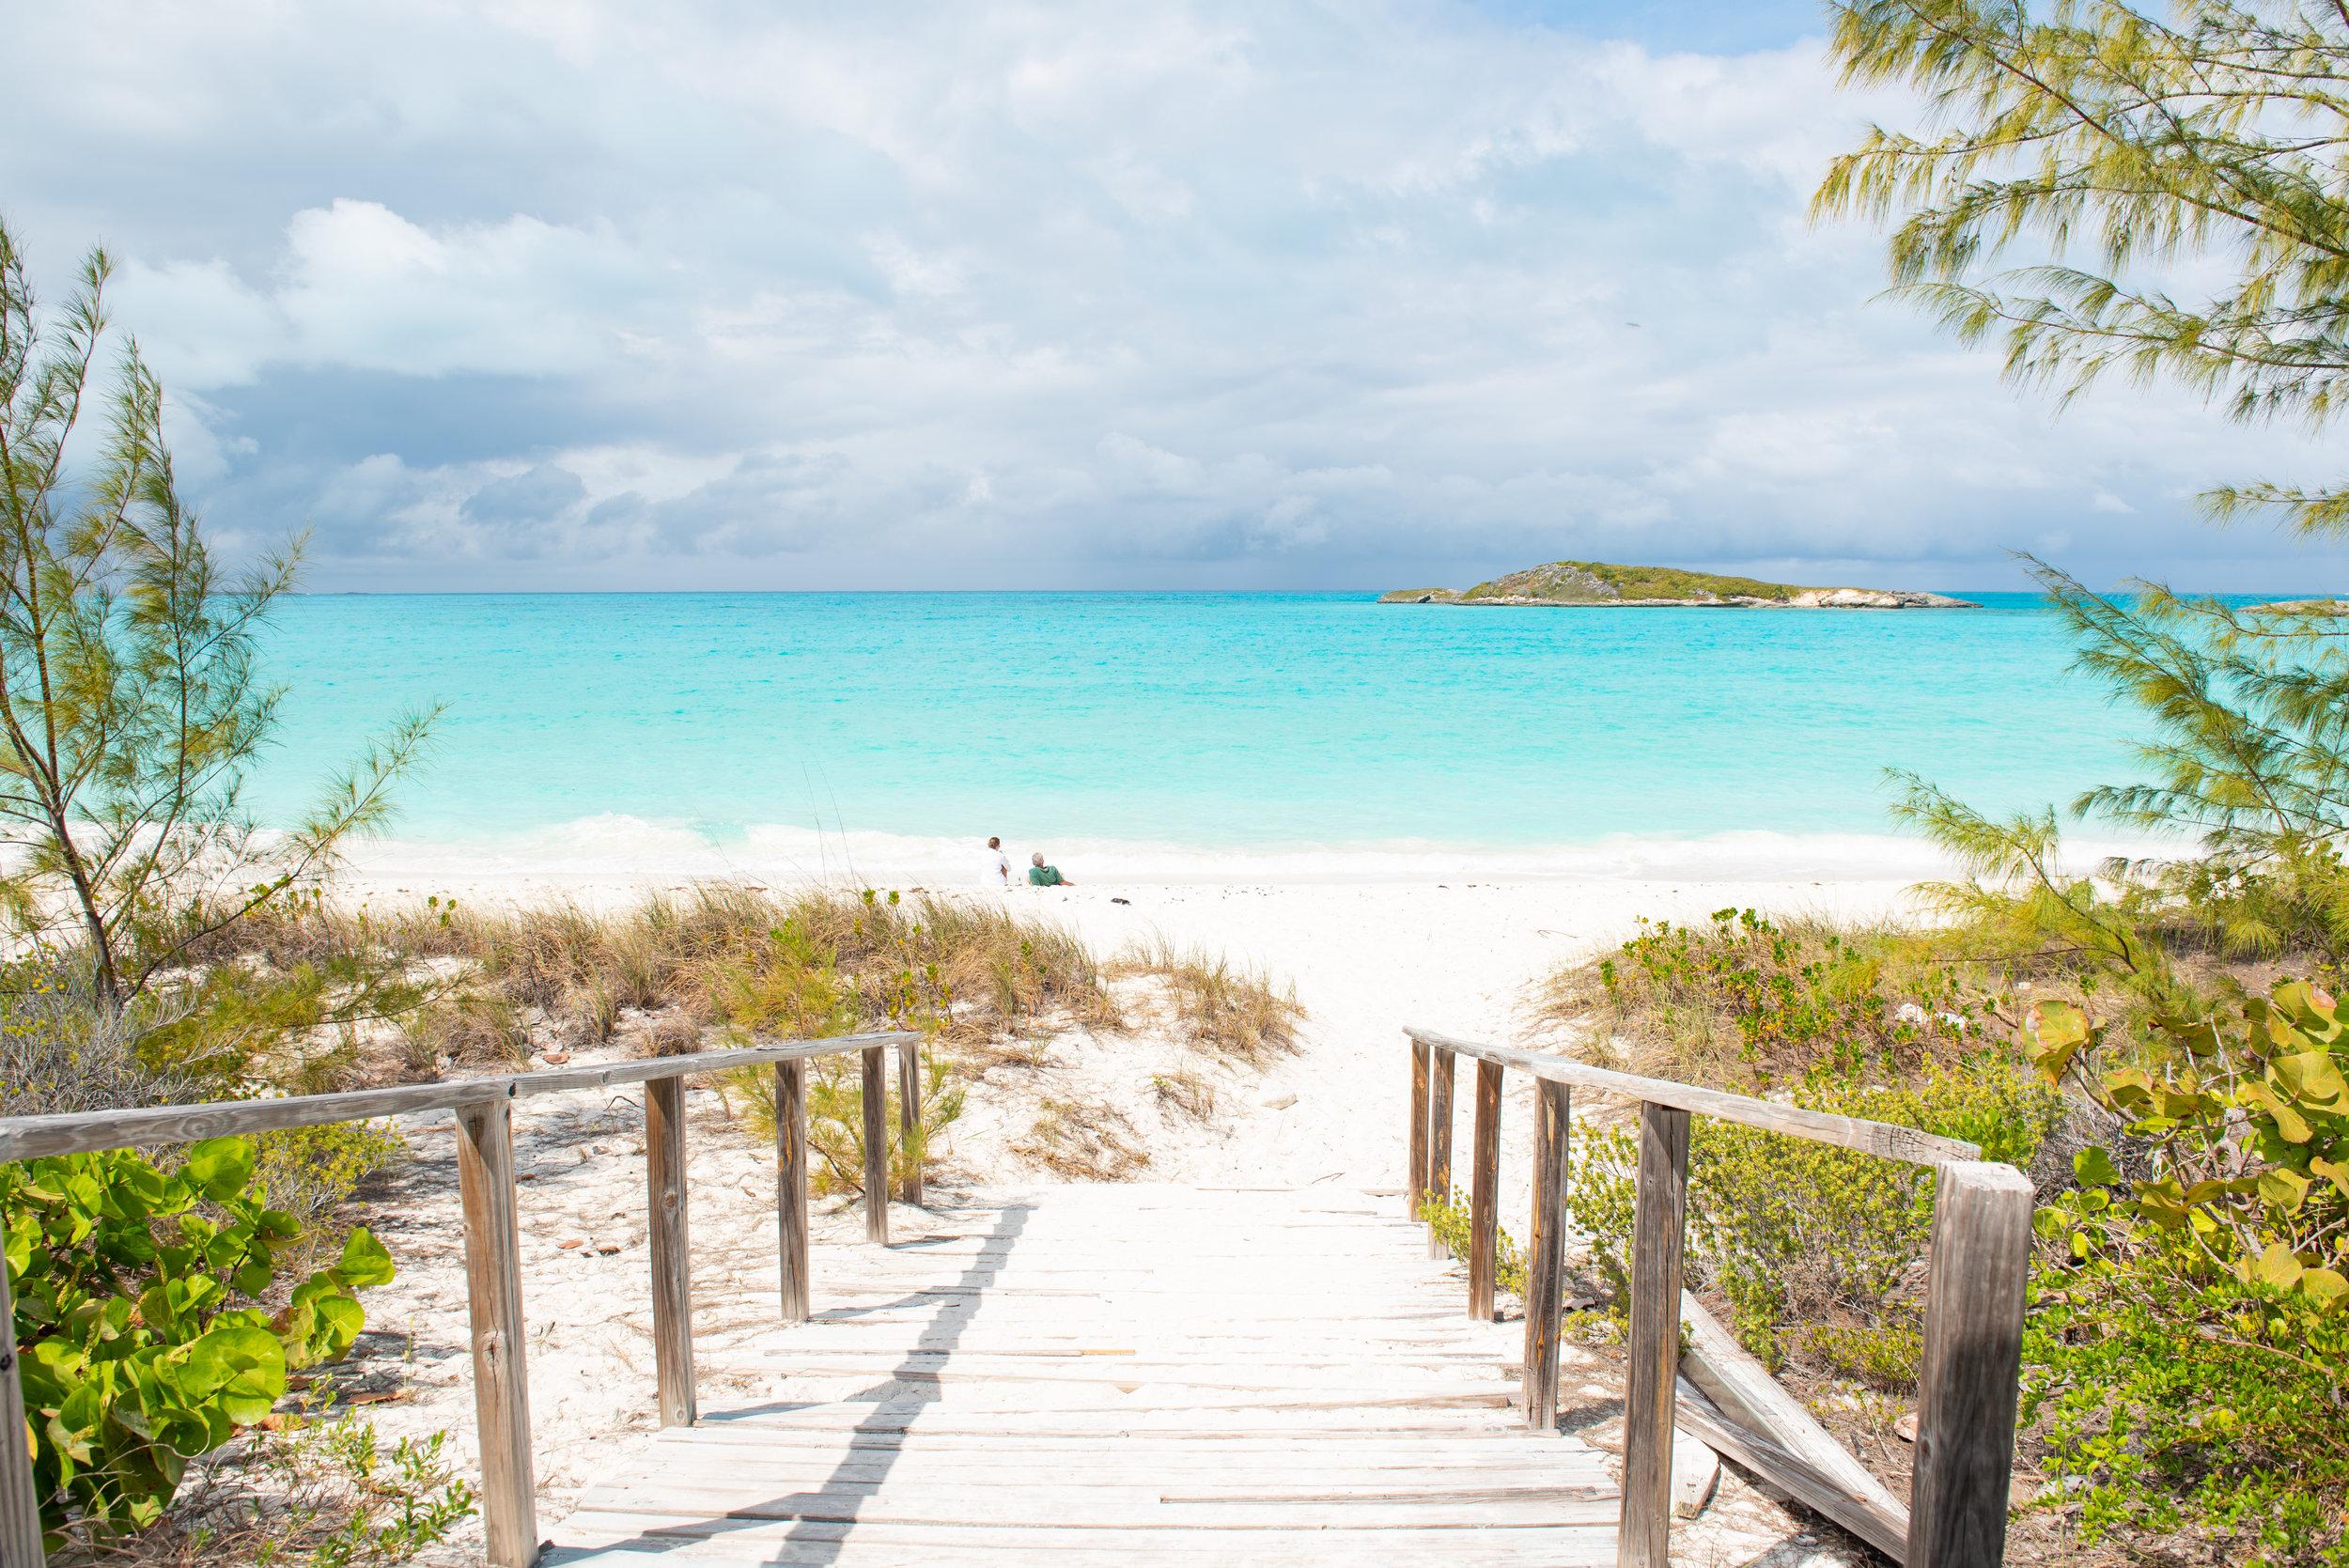 Exuma Bahamas 2019  (37 of 71).jpg